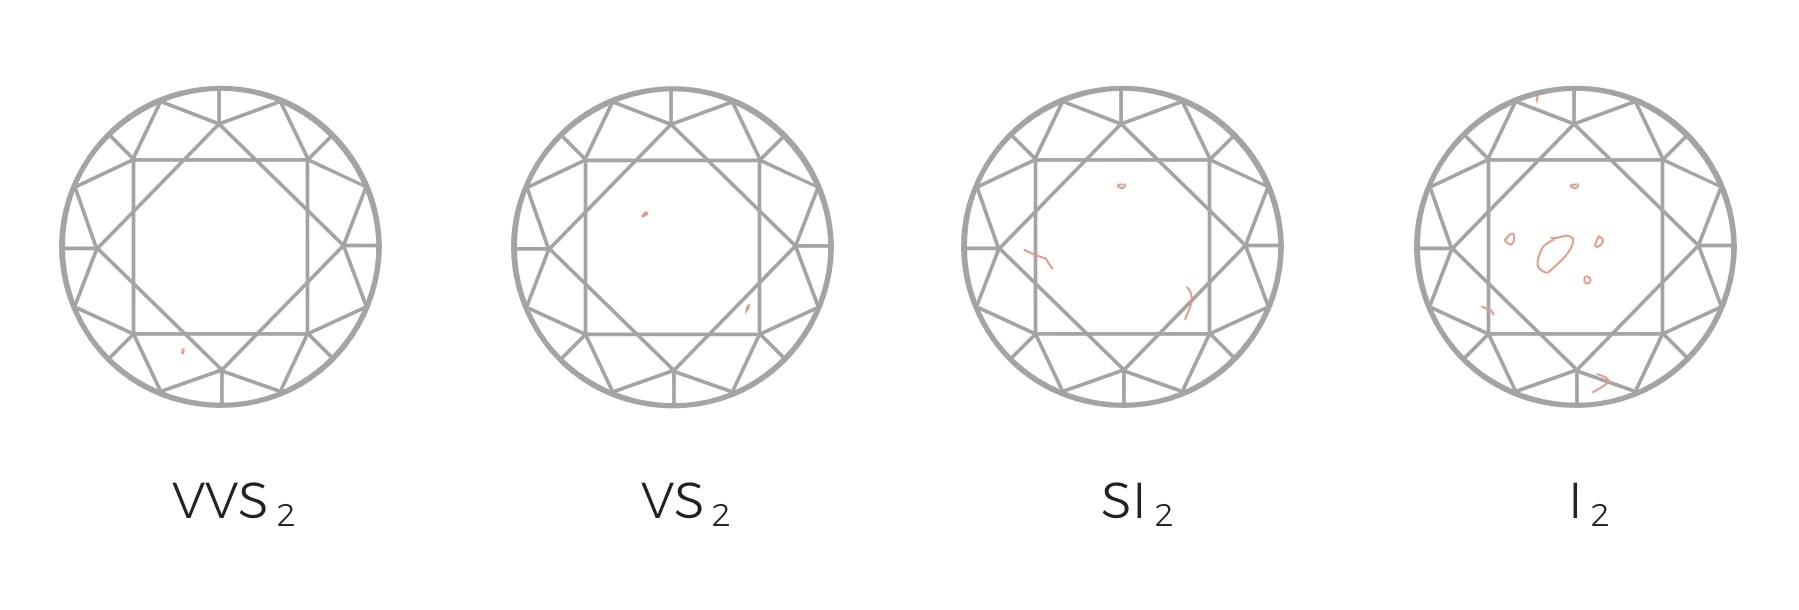 Precious Diamond Clarity Diagrams Diamond Clarity Scale Diamond Clarity Chart Miadonna Diamondarticlesdiamond Chartsp Diamond Clarity Chart Letters wedding diamonds Diamond Clarity Chart